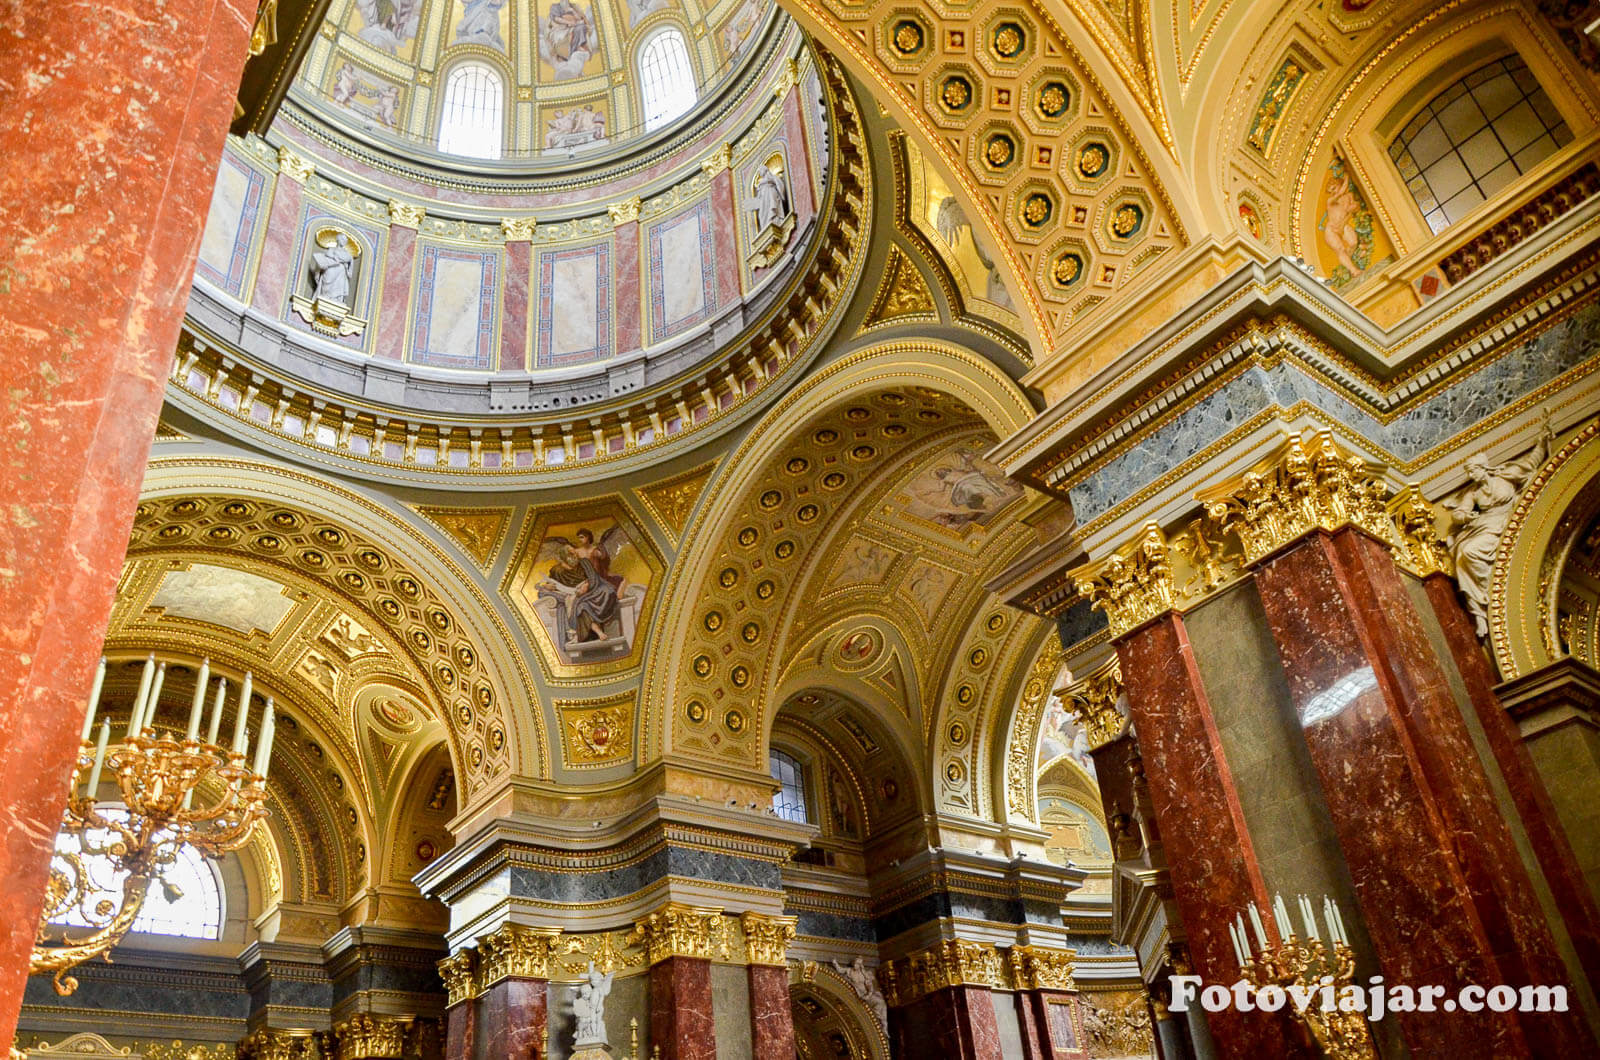 visitar budapeste basilica sao estevao